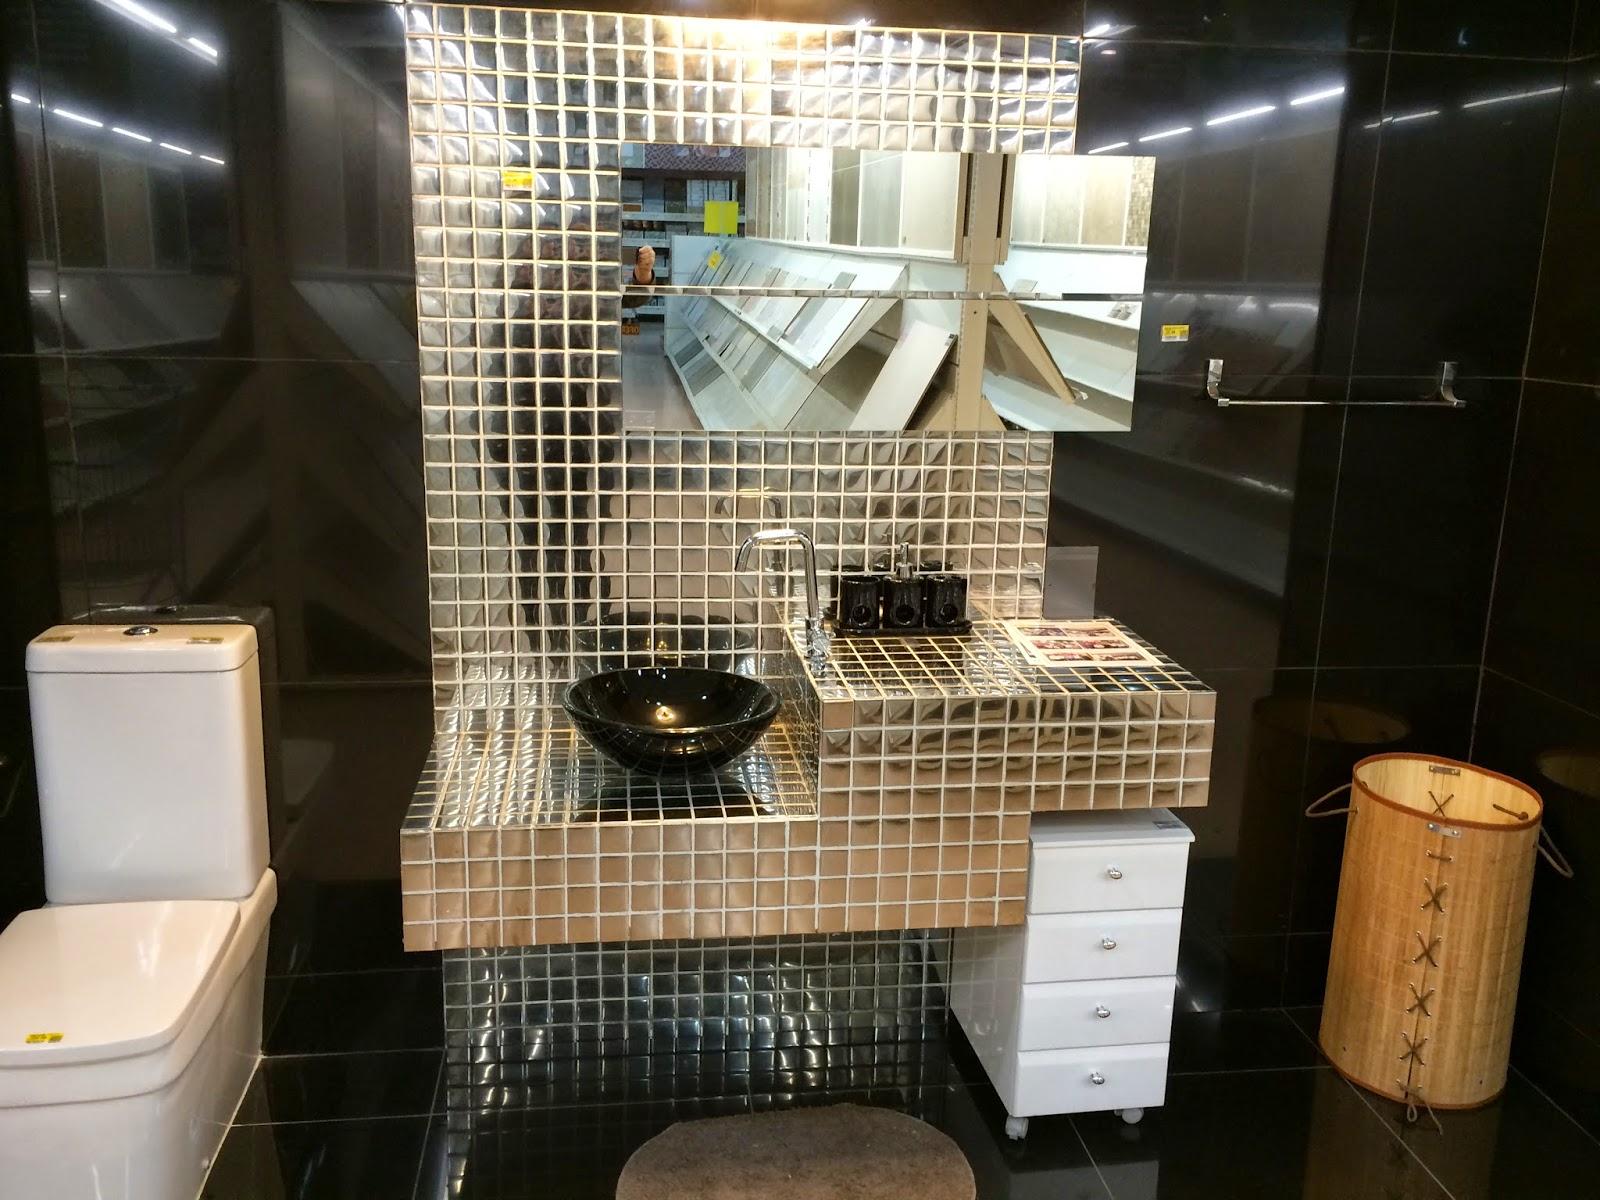 Dois Banheiros Inspiração Glam Casa e Reforma #9A6831 1600x1200 Banheiro Amarelo Com Preto